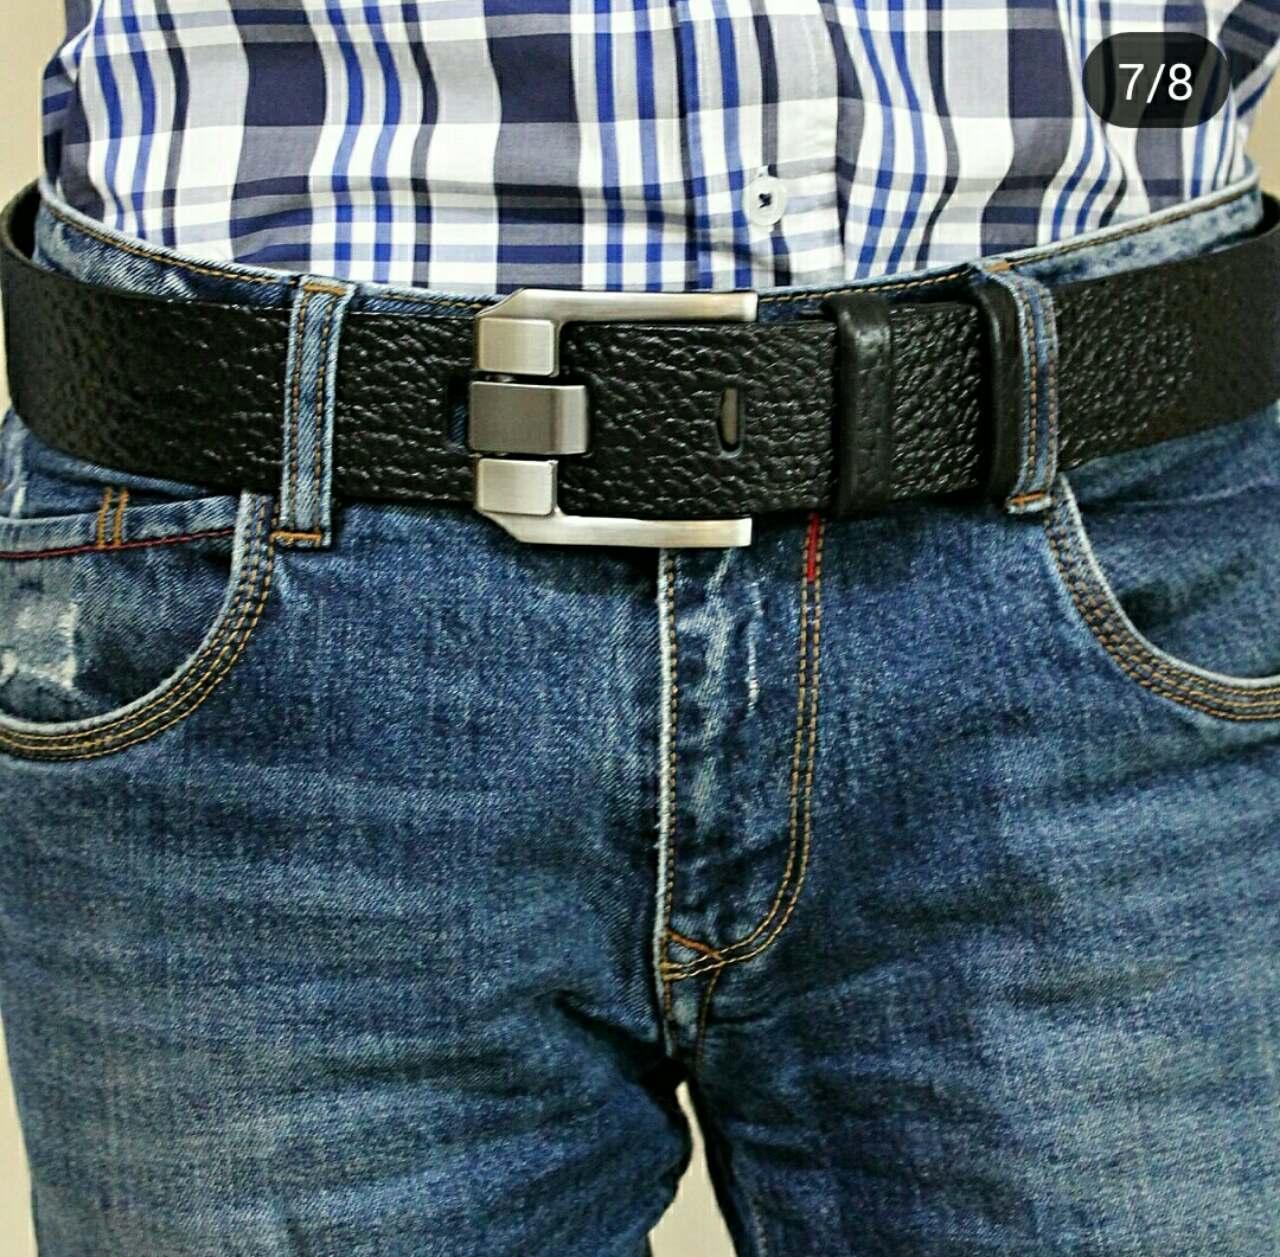 Стильний джинсовий  ремінь з натуральної шкіри  45 мм, гладкий,чорний